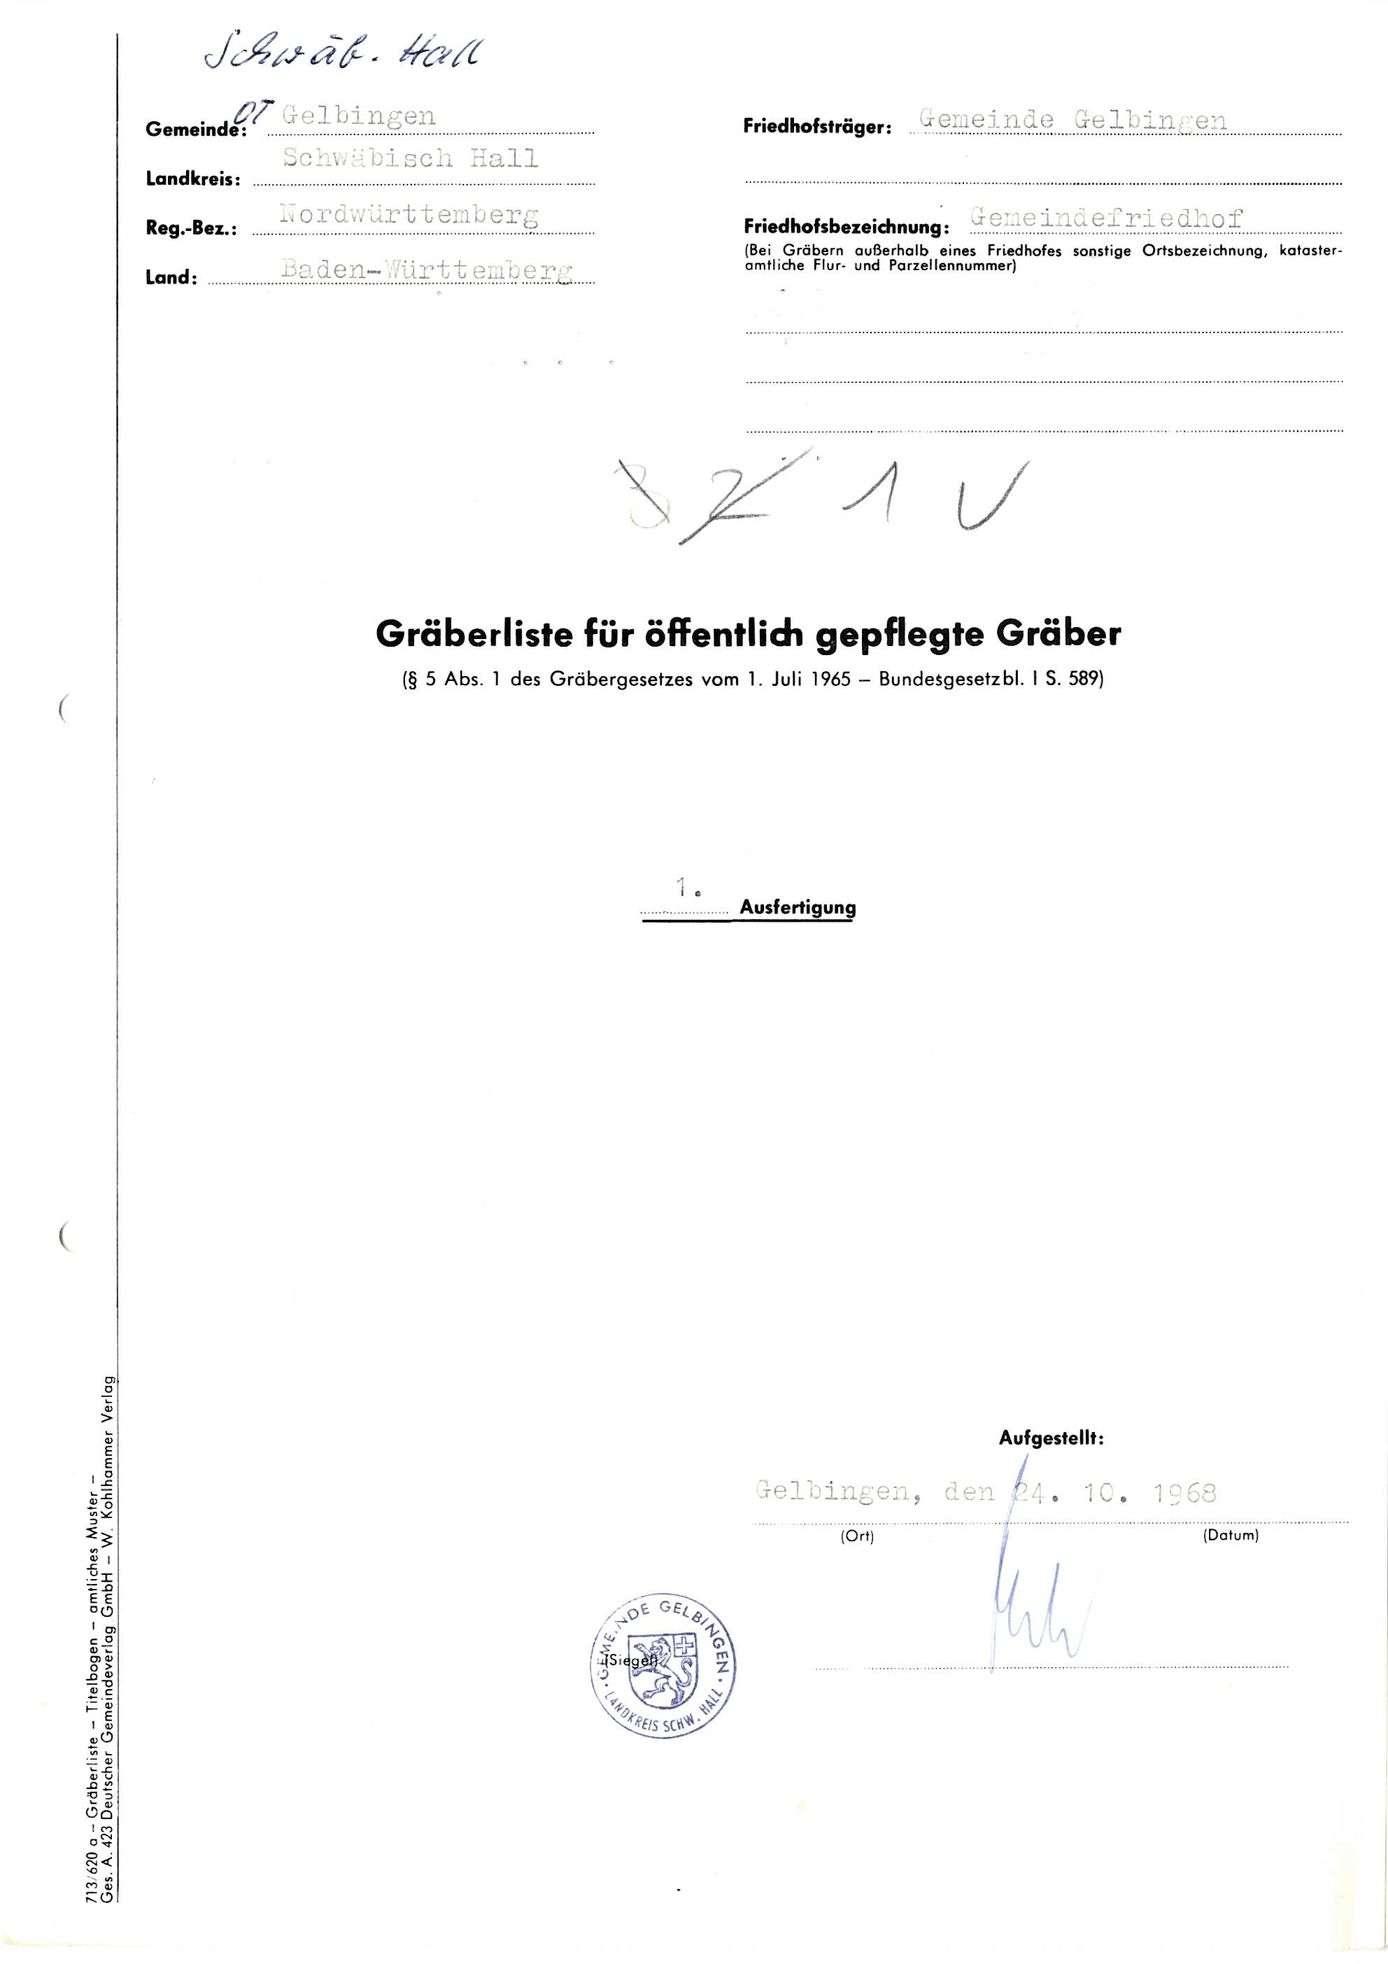 Gelbingen, Bild 1